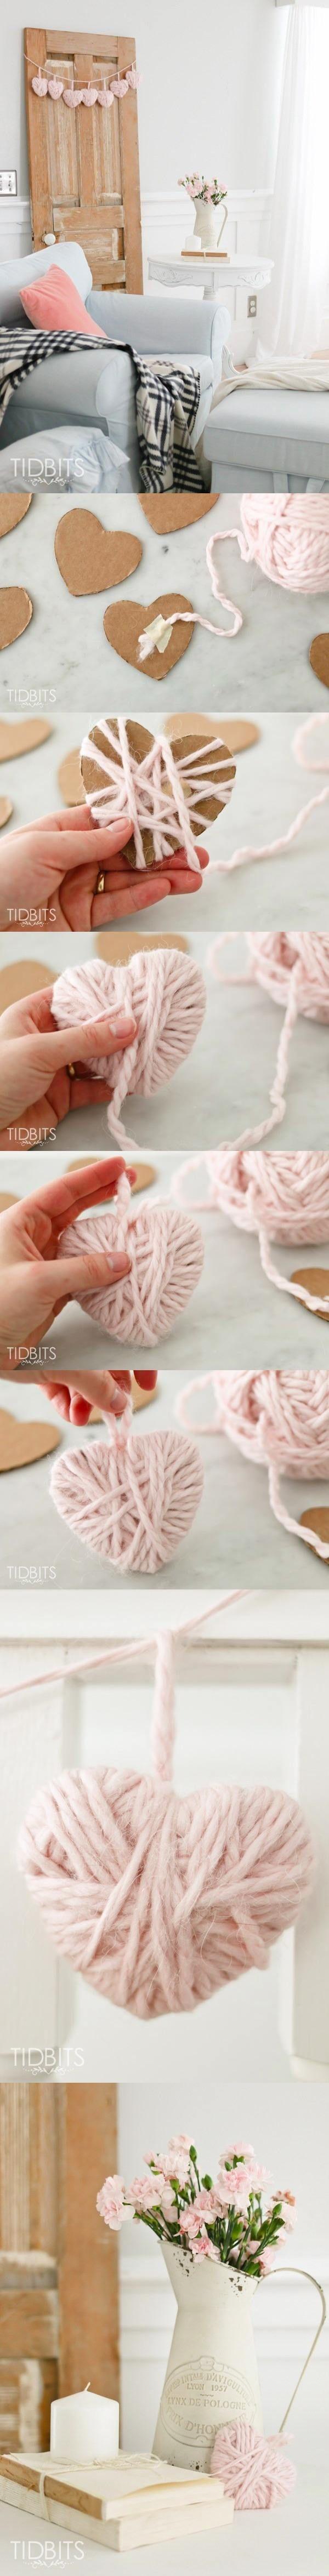 DIY Valentine Yarn Heart - tidbits-cami.com - Decora con corazones de lana DIY